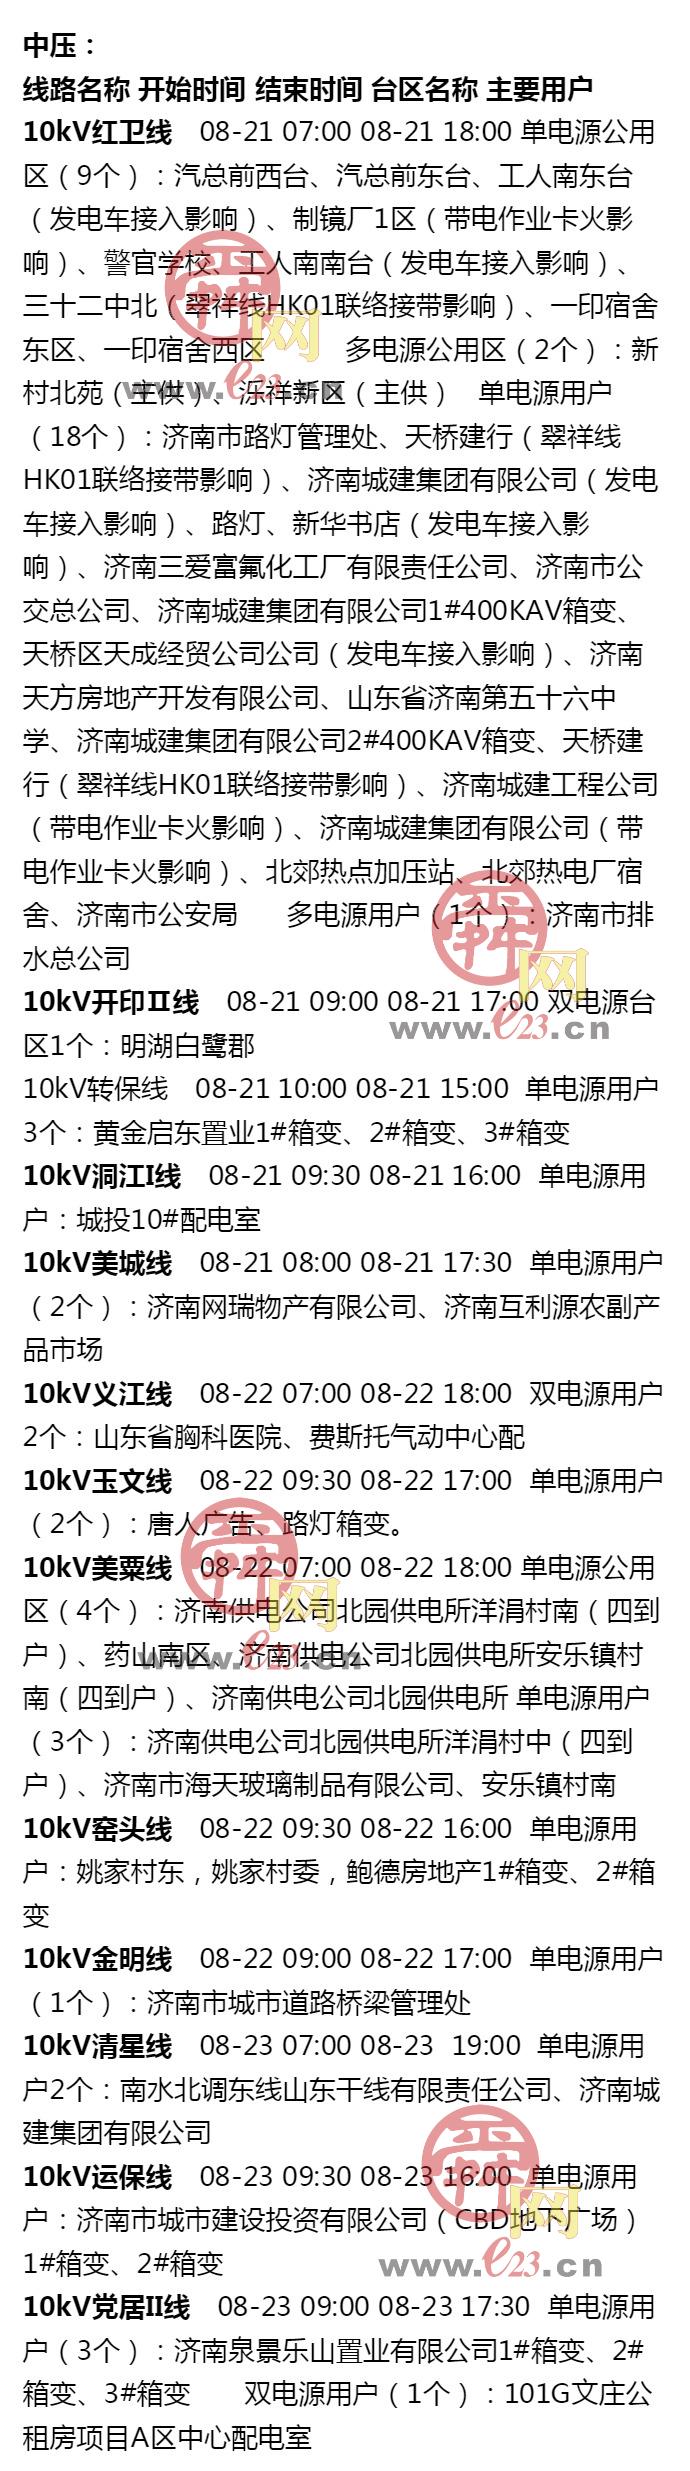 8月17日至8月23日必威betway部分区域电力设备检修通知